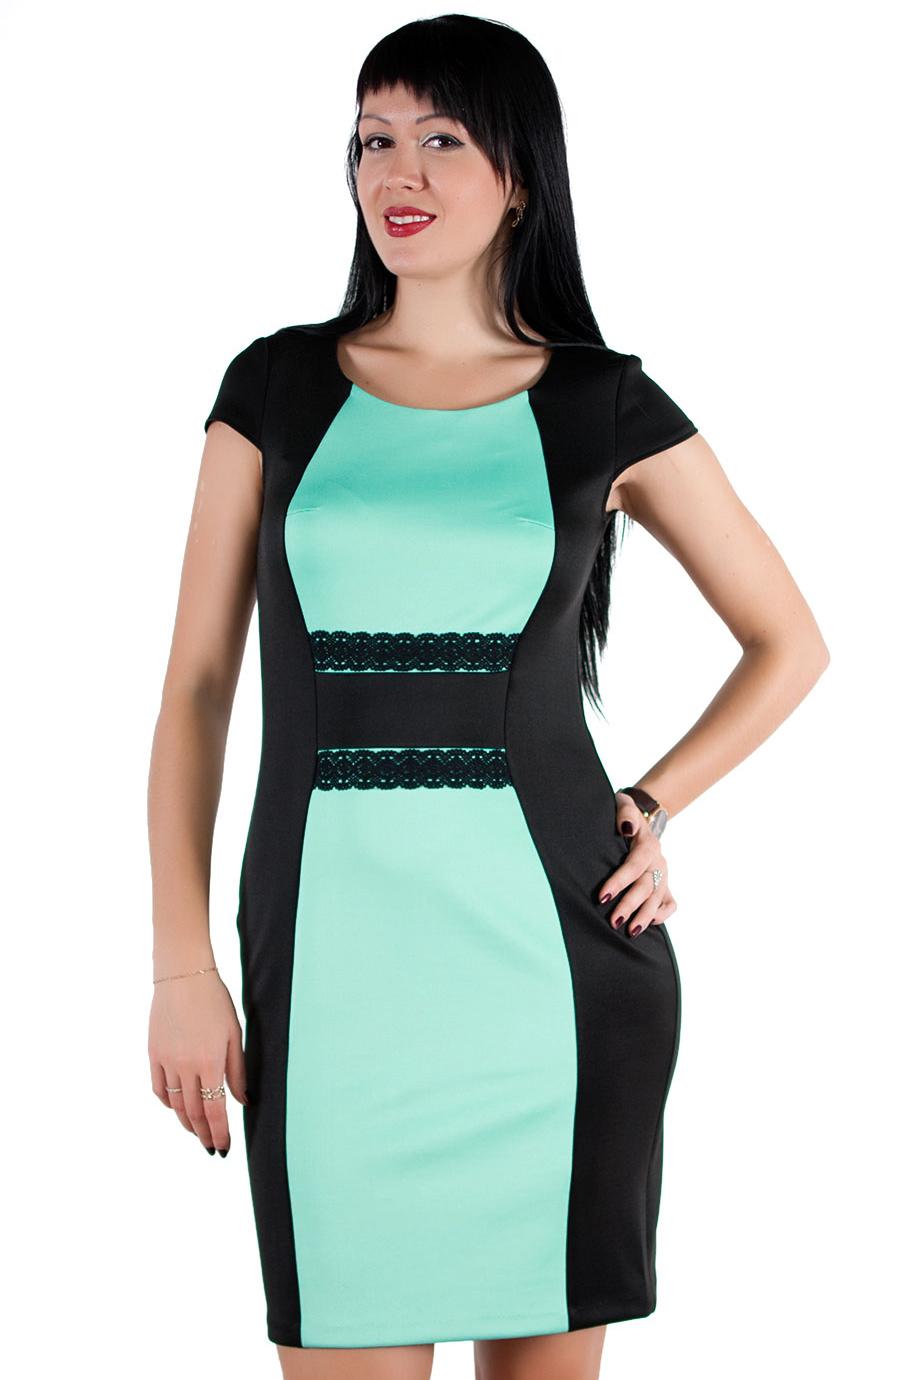 ПлатьеПлатья<br>Изумительное платье прилегающего силуэта с контрастными вставками по переду и декором из кружева. Невероятно стройнит и подчеркивает фигуру, скрывая недостатки.  Ростовка изделия 170 см.  Длина по спинке в размерах 44-48 составляет 93 см. В размерах 50-54 длина 102 см.  Длина рукава 10 см.  Цвет: черный, бирюзовый<br><br>По образу: Город,Свидание<br>По стилю: Повседневный стиль<br>По материалу: Вискоза,Трикотаж<br>По рисунку: Цветные<br>По сезону: Осень,Весна<br>По силуэту: Приталенные<br>По форме: Платье - футляр<br>По длине: До колена<br>Рукав: Короткий рукав<br>Горловина: С- горловина<br>Размер: 44,46,48,50,52,54<br>Материал: 50% вискоза 43% полиэстер 7% эластан<br>Количество в наличии: 2